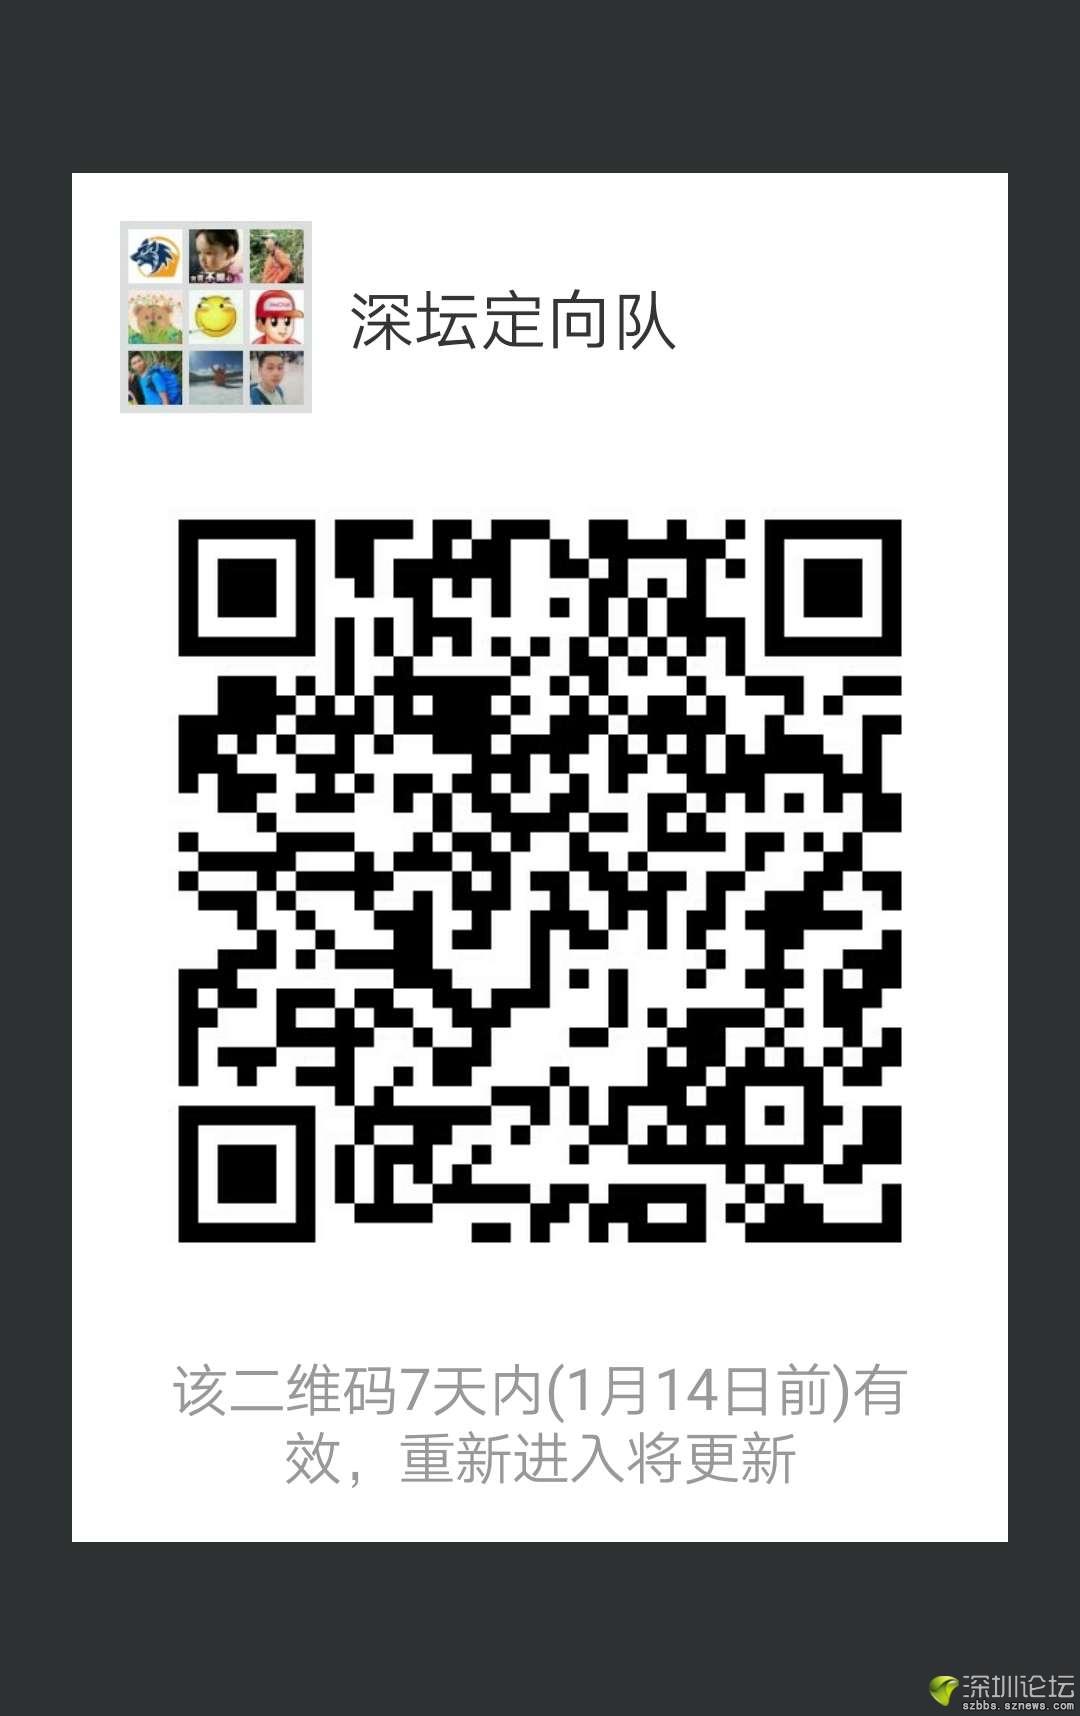 微信图片_20190107144937.jpg